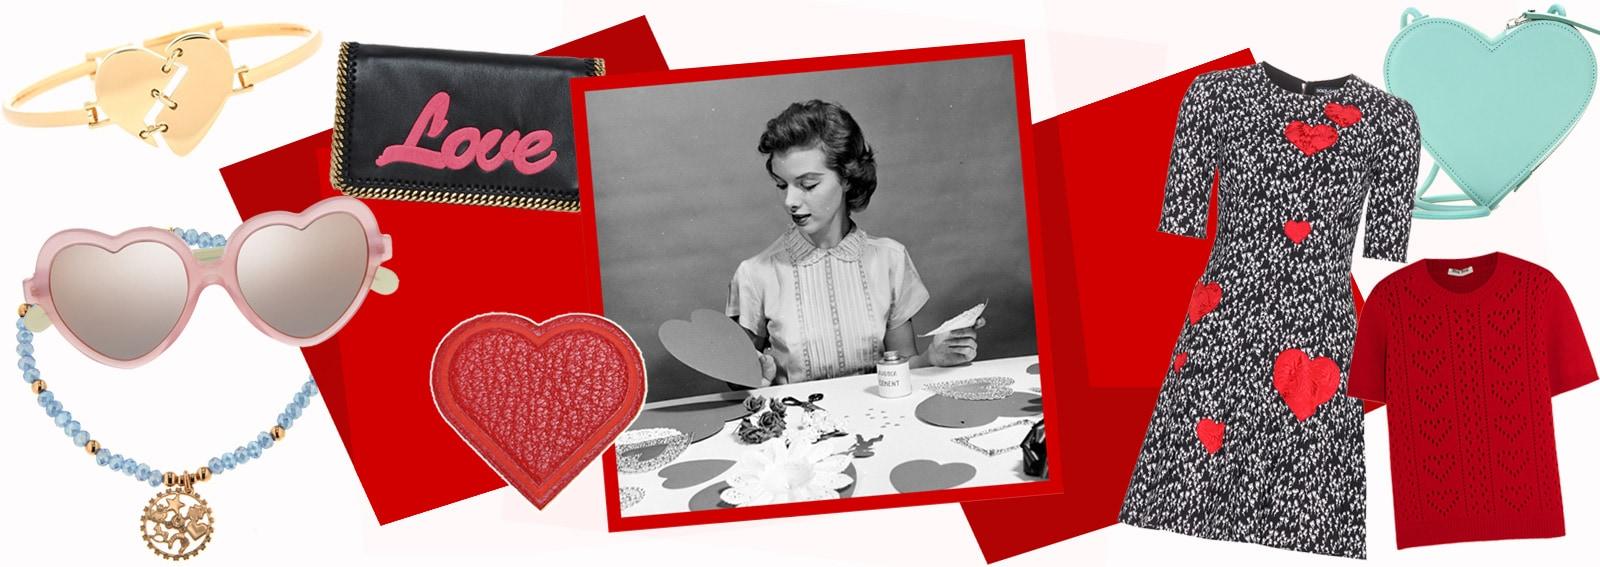 cover san valentino 2016 desktop